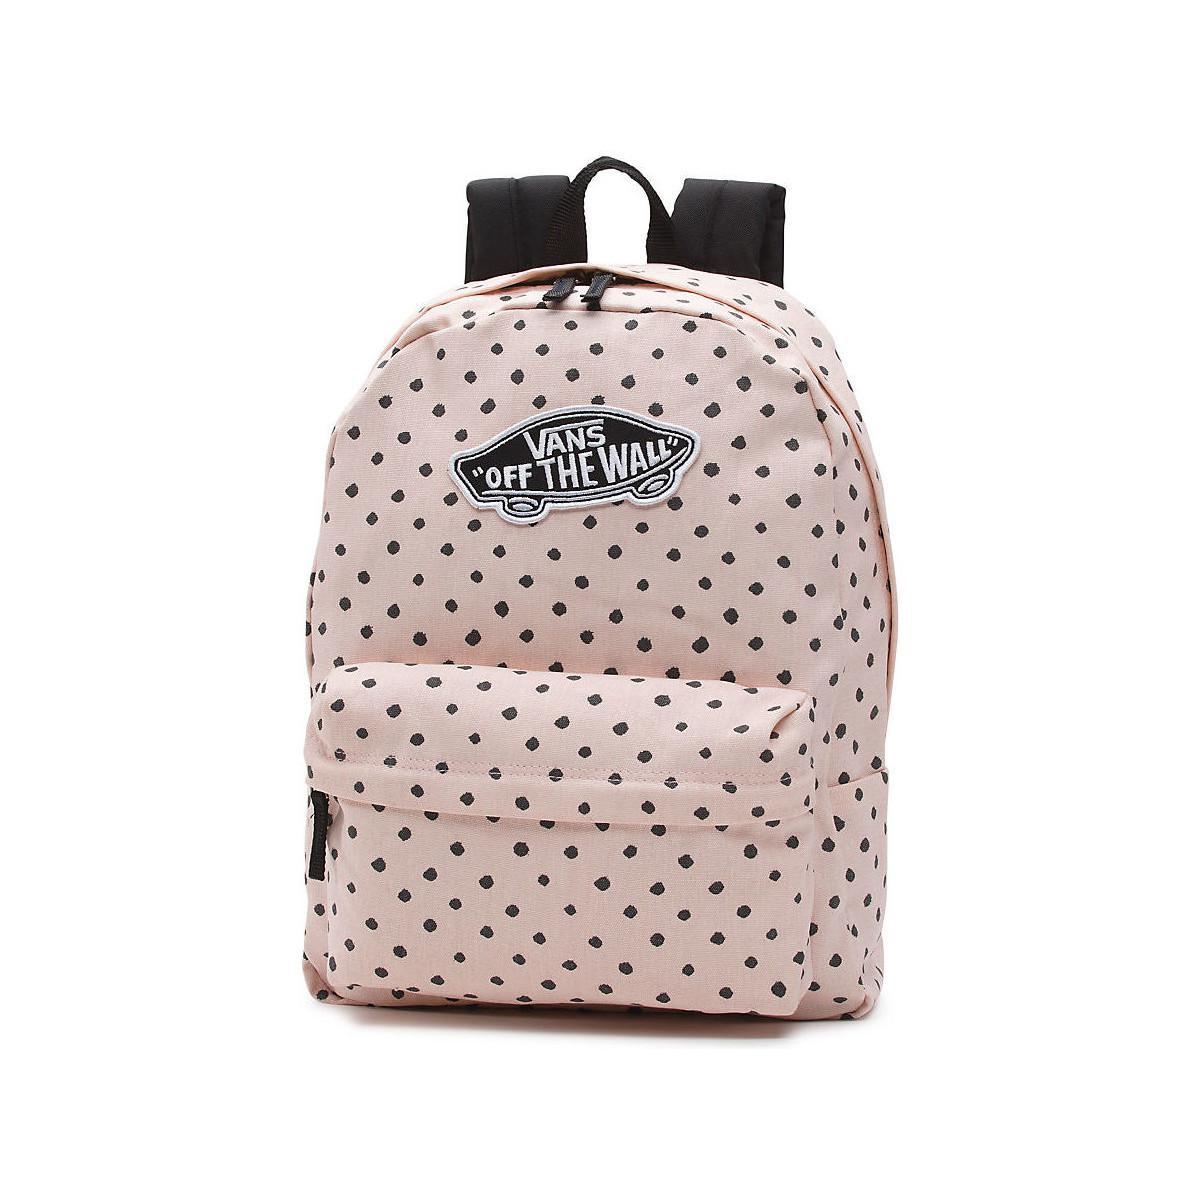 Vans Mochila Realm Backpack Nz0o3p Women s Backpack In Pink in Pink ... 61bbaf51c00